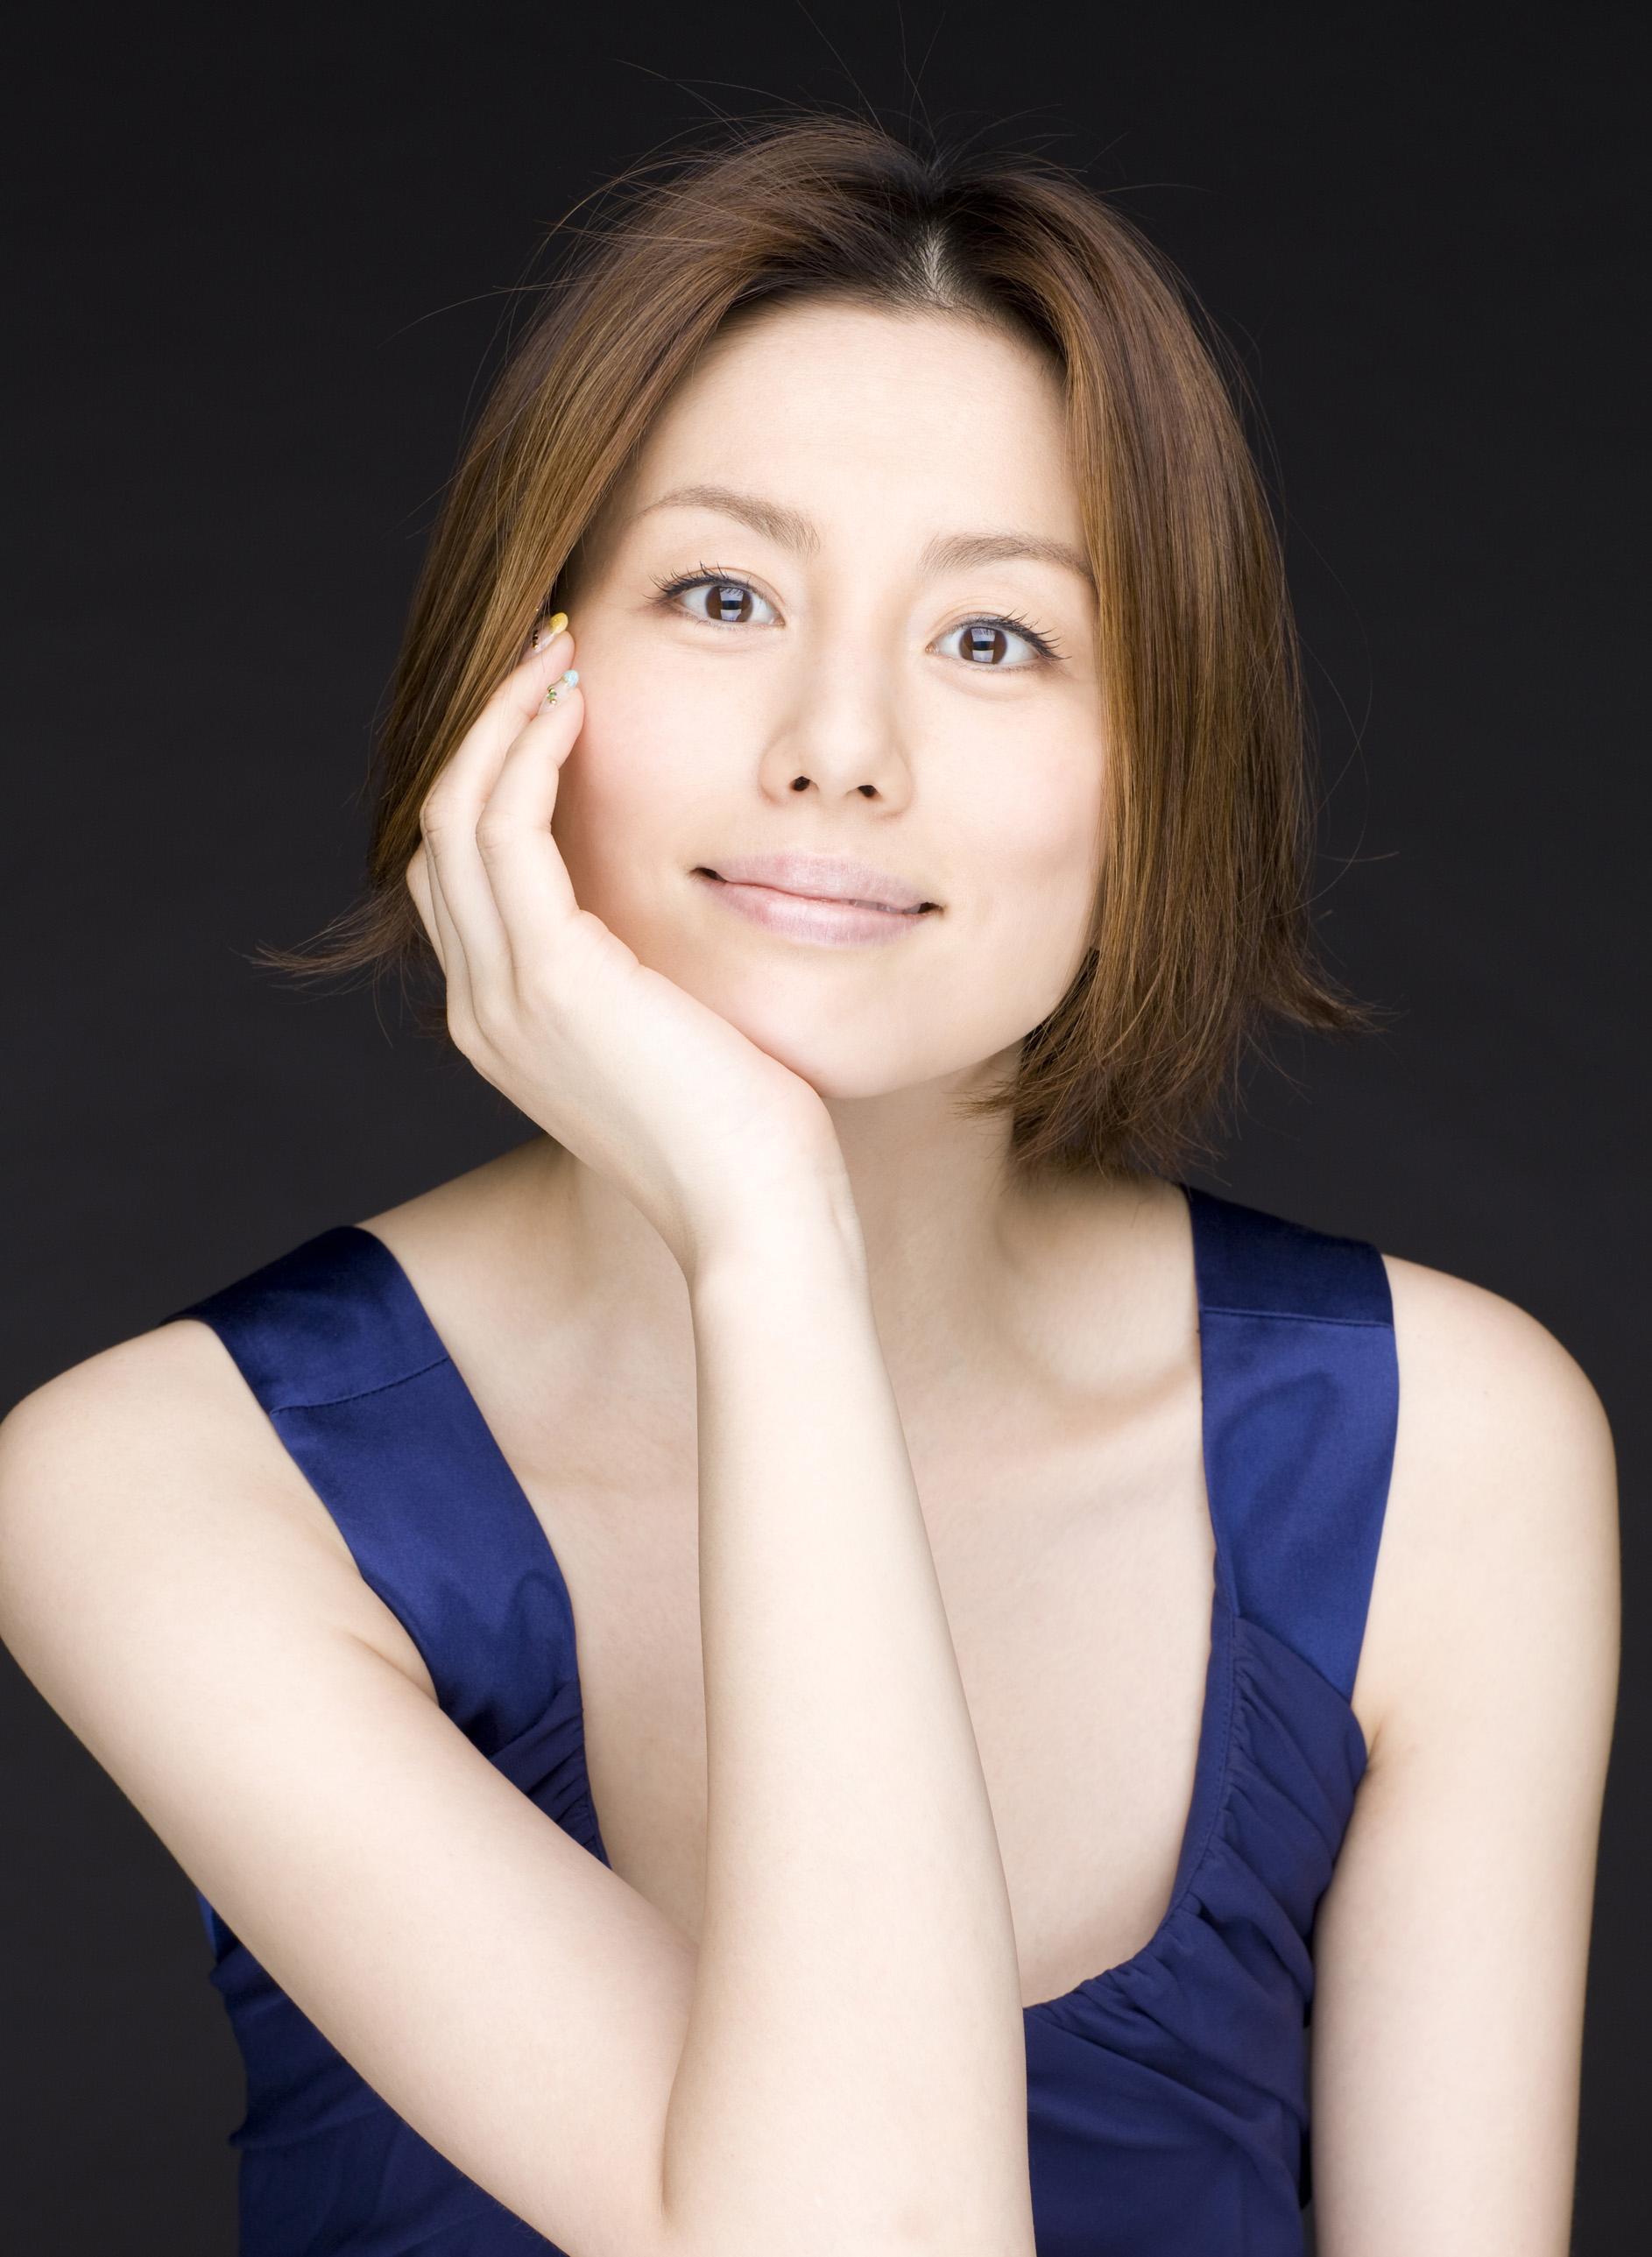 ドクターX主演!米倉涼子さんの素敵なショートヘア画像を公開!のサムネイル画像